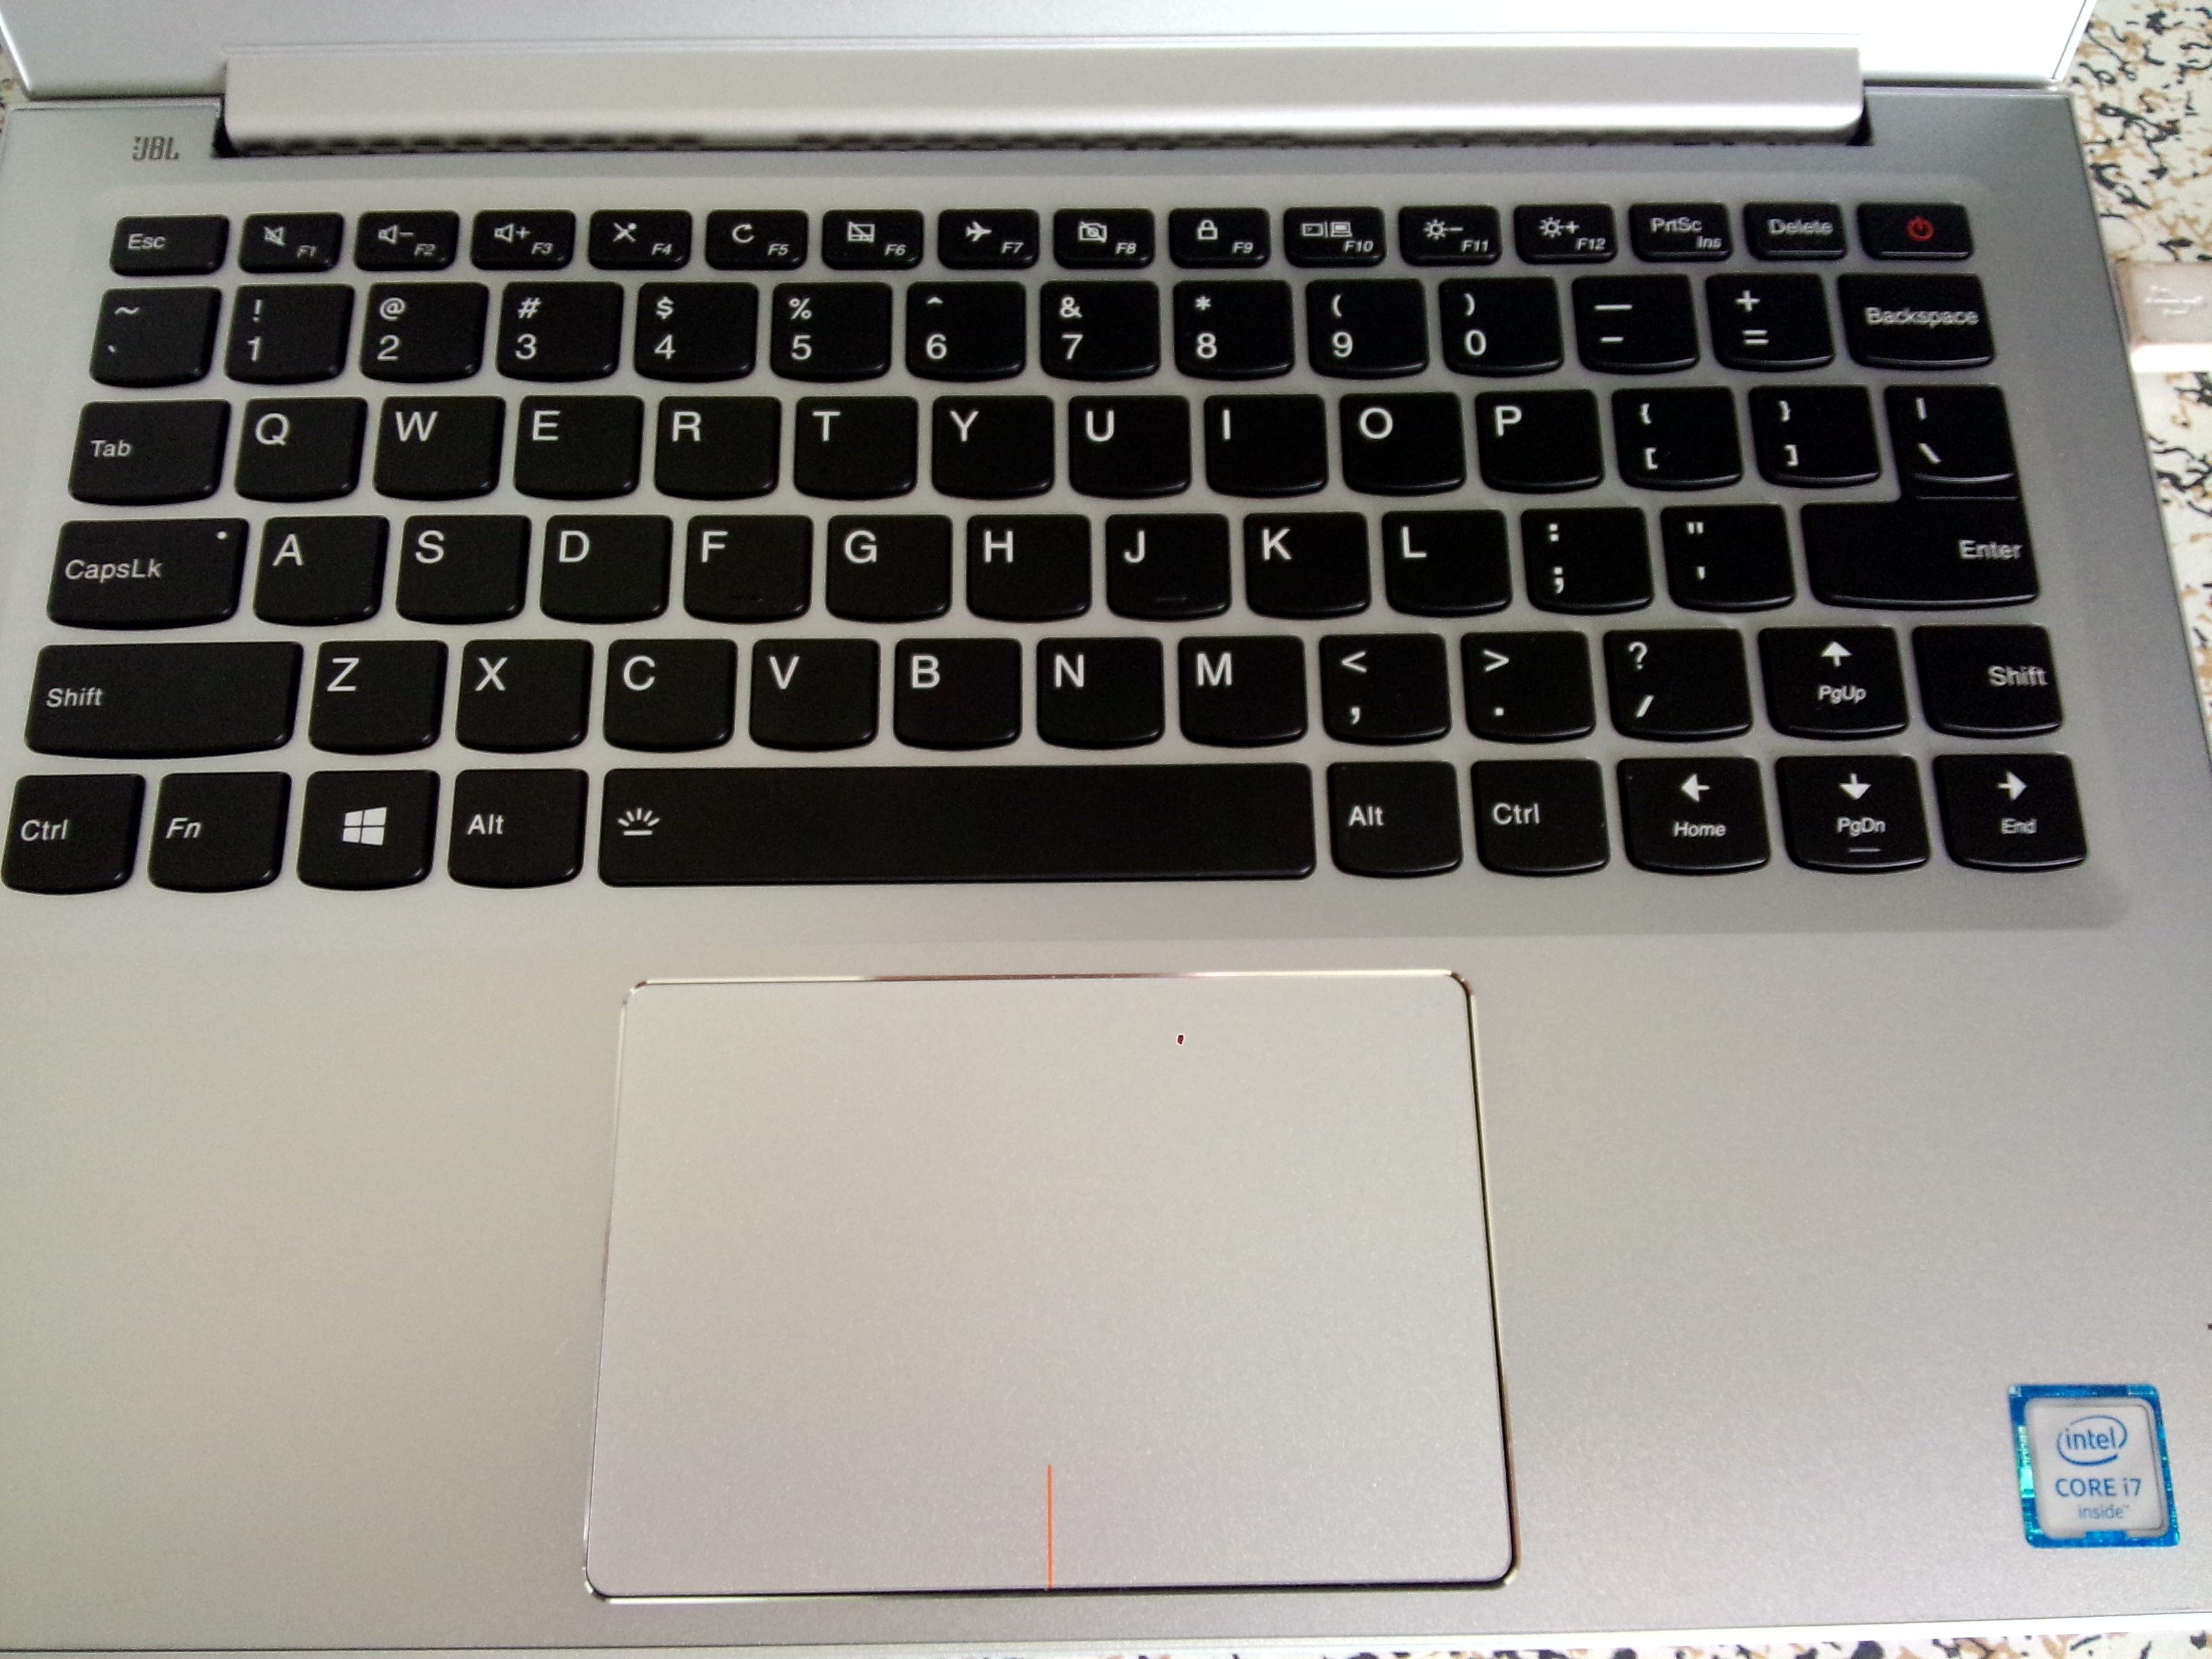 笔记本 笔记本电脑 键盘 3264_2448图片